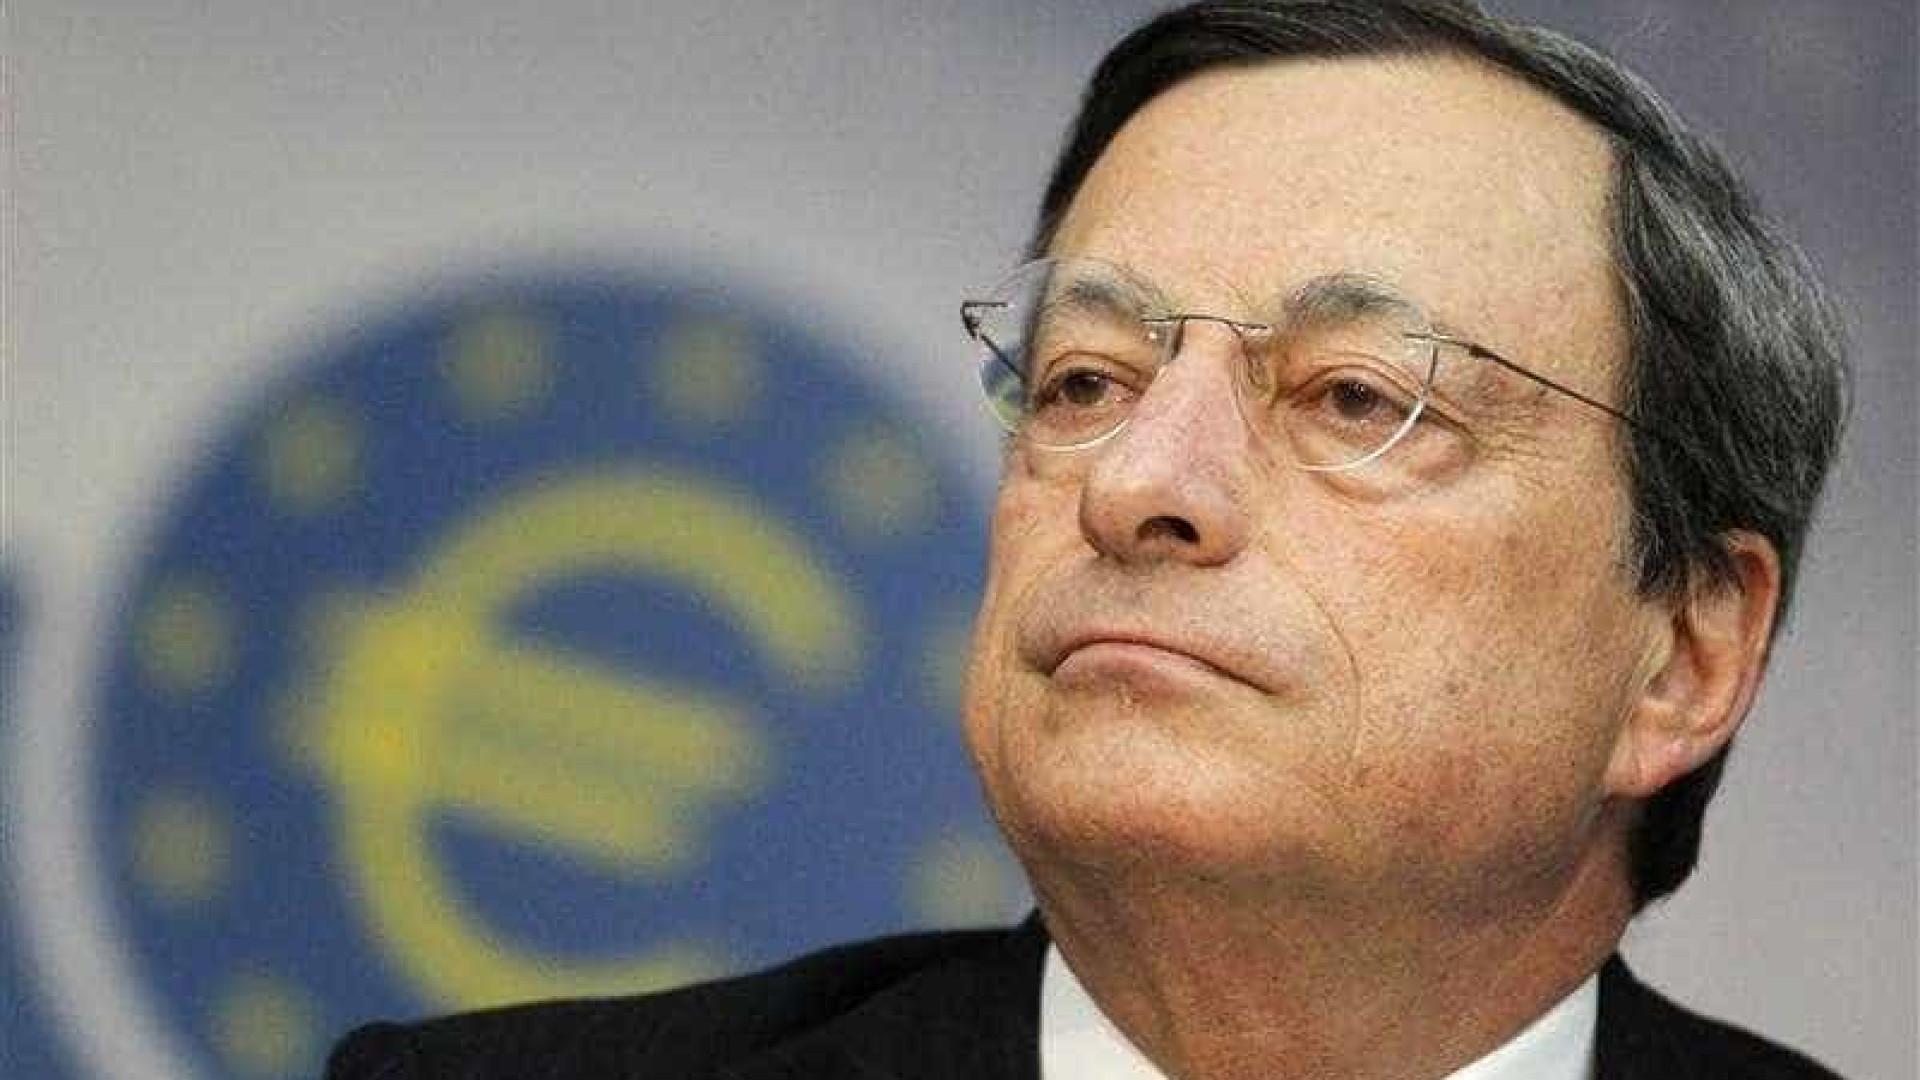 Subida do 'rating' reflete melhoria de Portugal mas também da zona euro